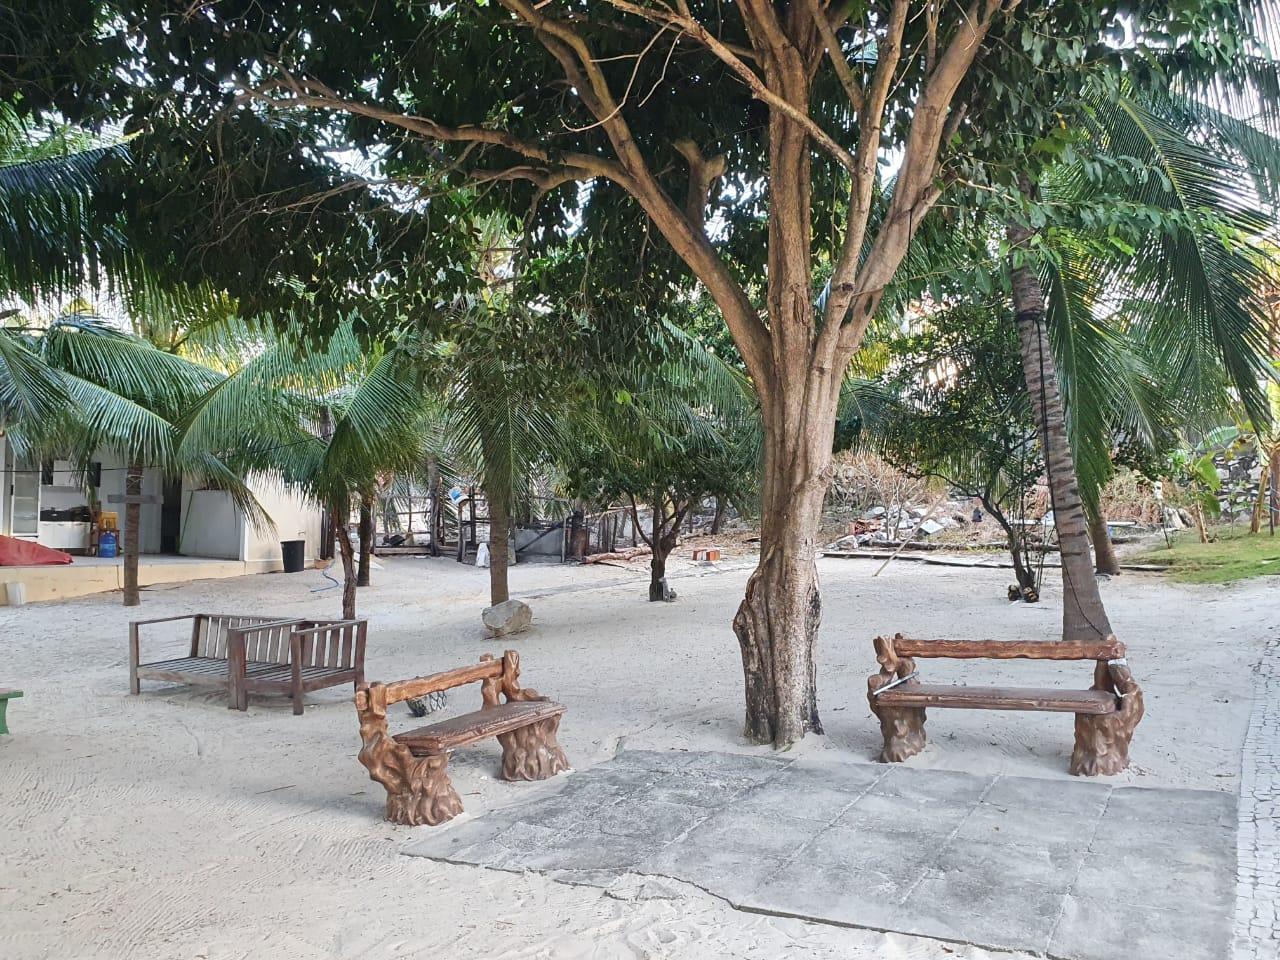 2 Diárias para 04 pessoas no Chalé (check-in semana) por apenas R$249,90